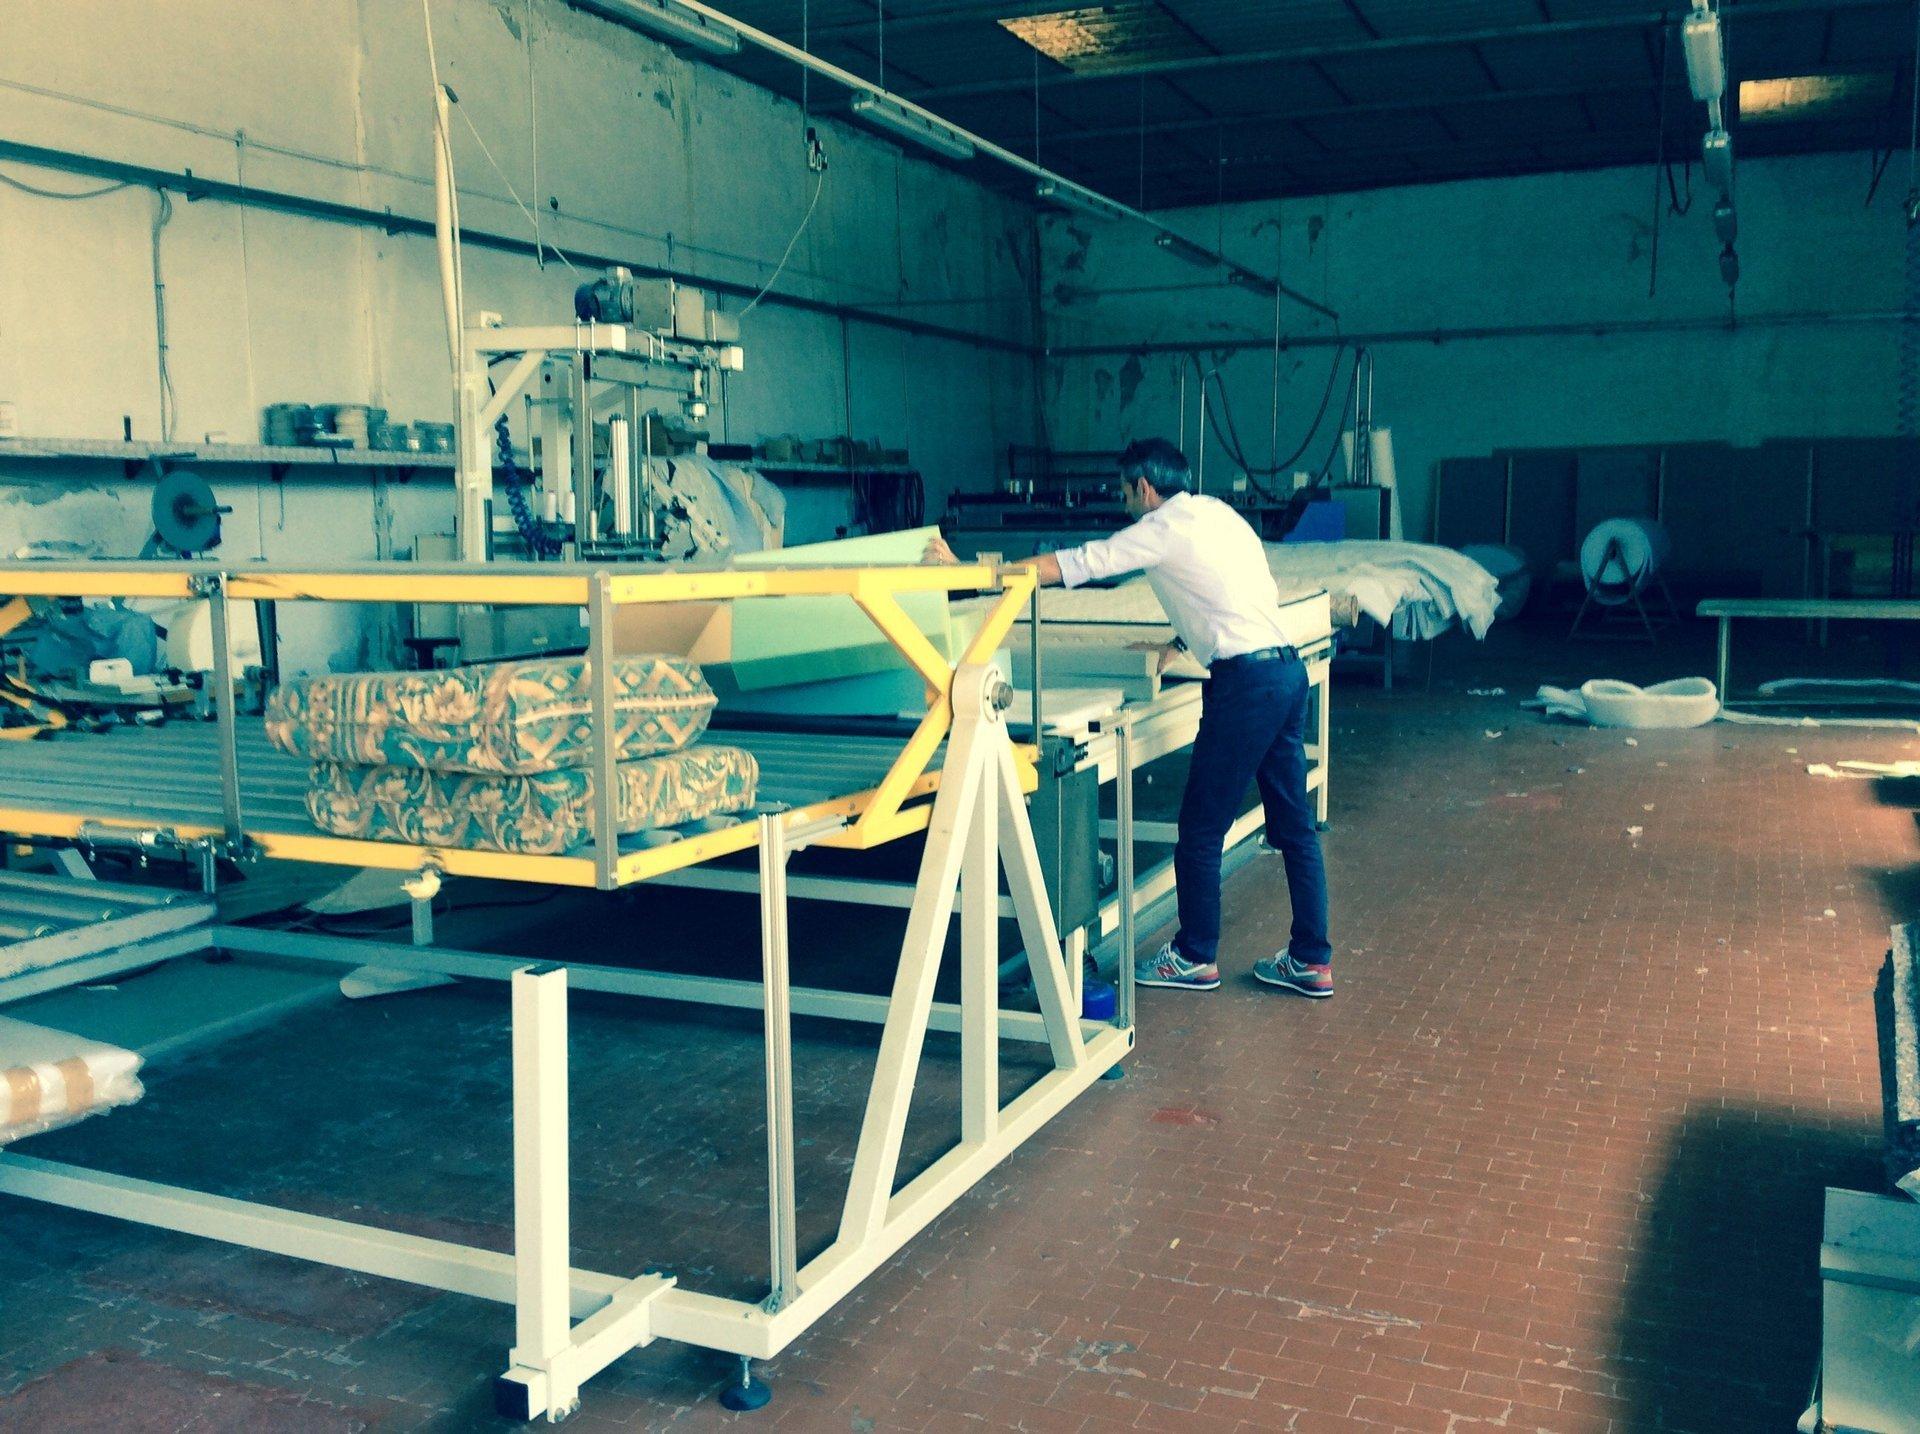 produzione di materassi industriale